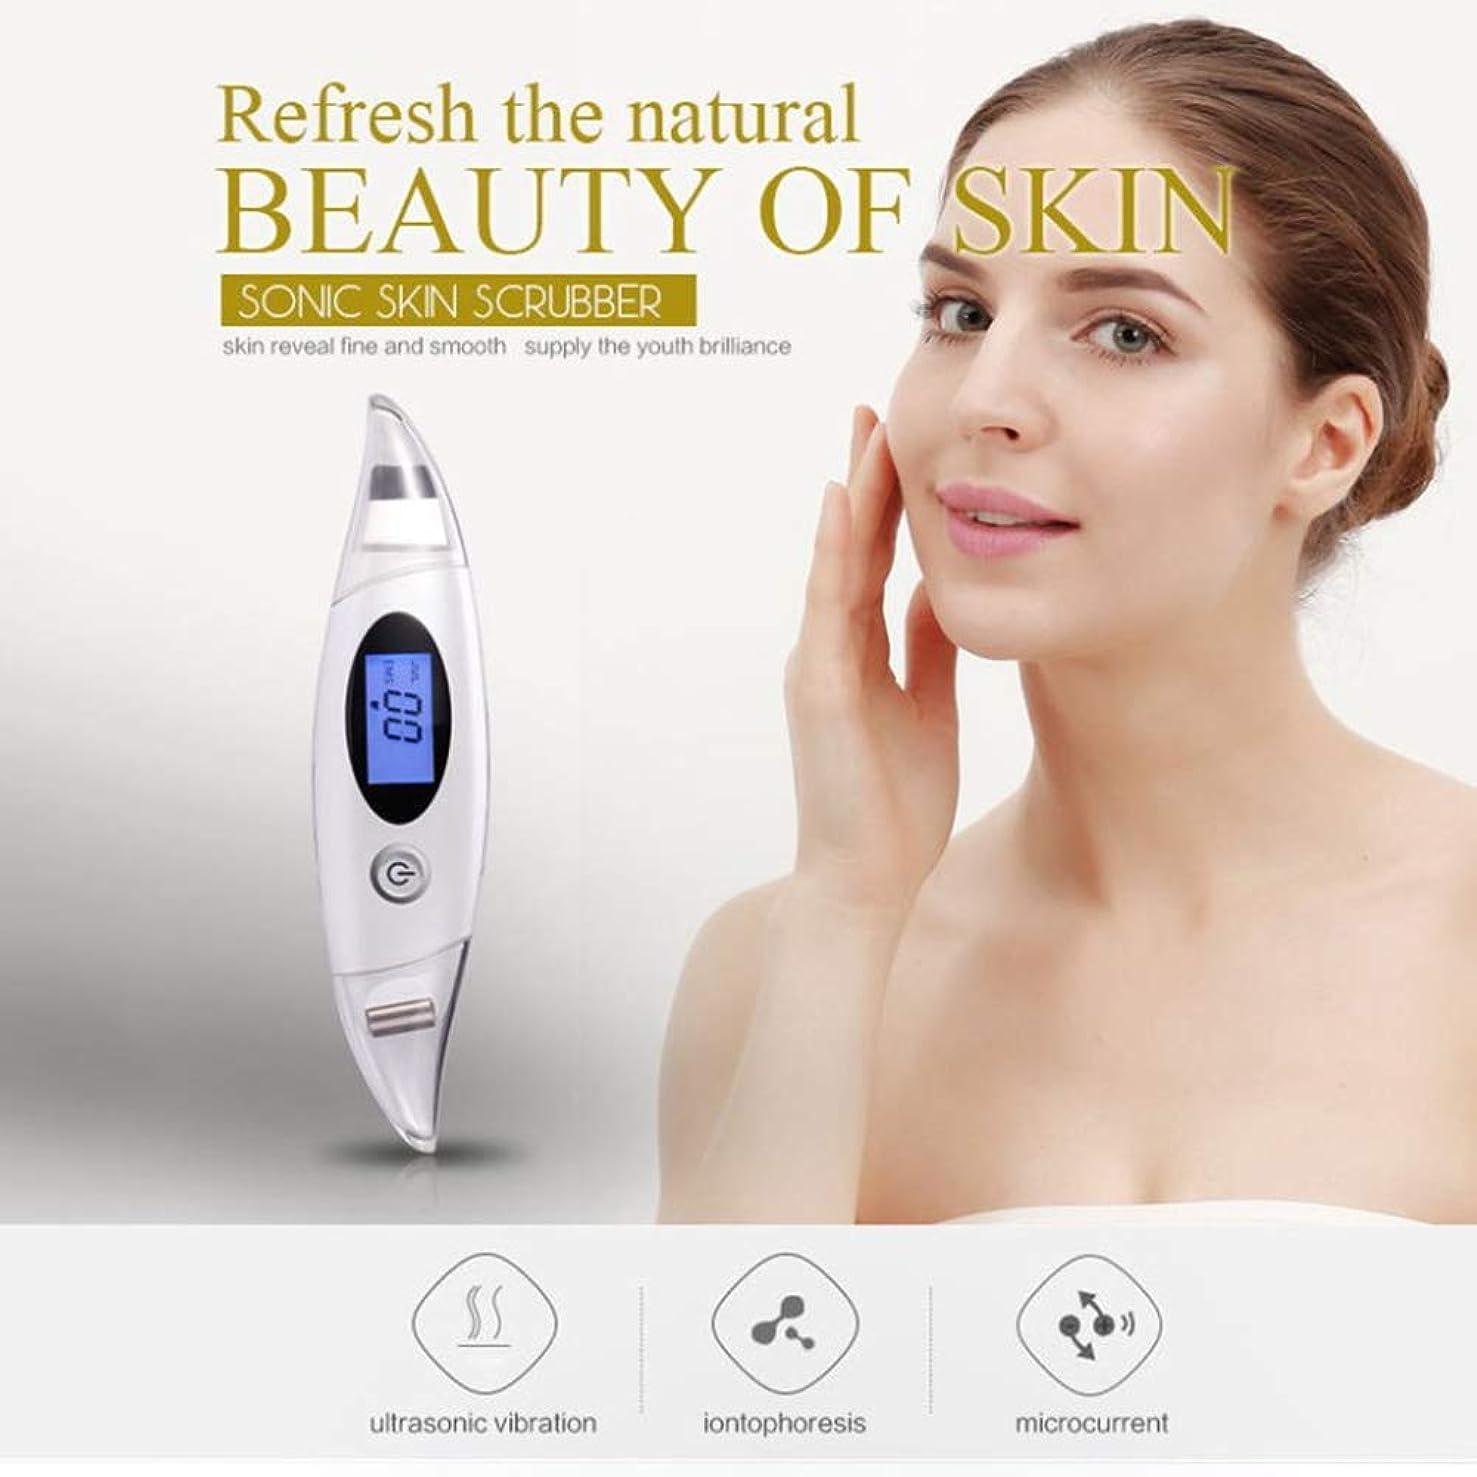 枕遺棄されたワイドしわ除去Rf美容デバイス、顔のクレンジング、リフティング&引き締めデバイス、ディープクレンジング振動美容ツールをきつく締めるフェイスリフティングスキン